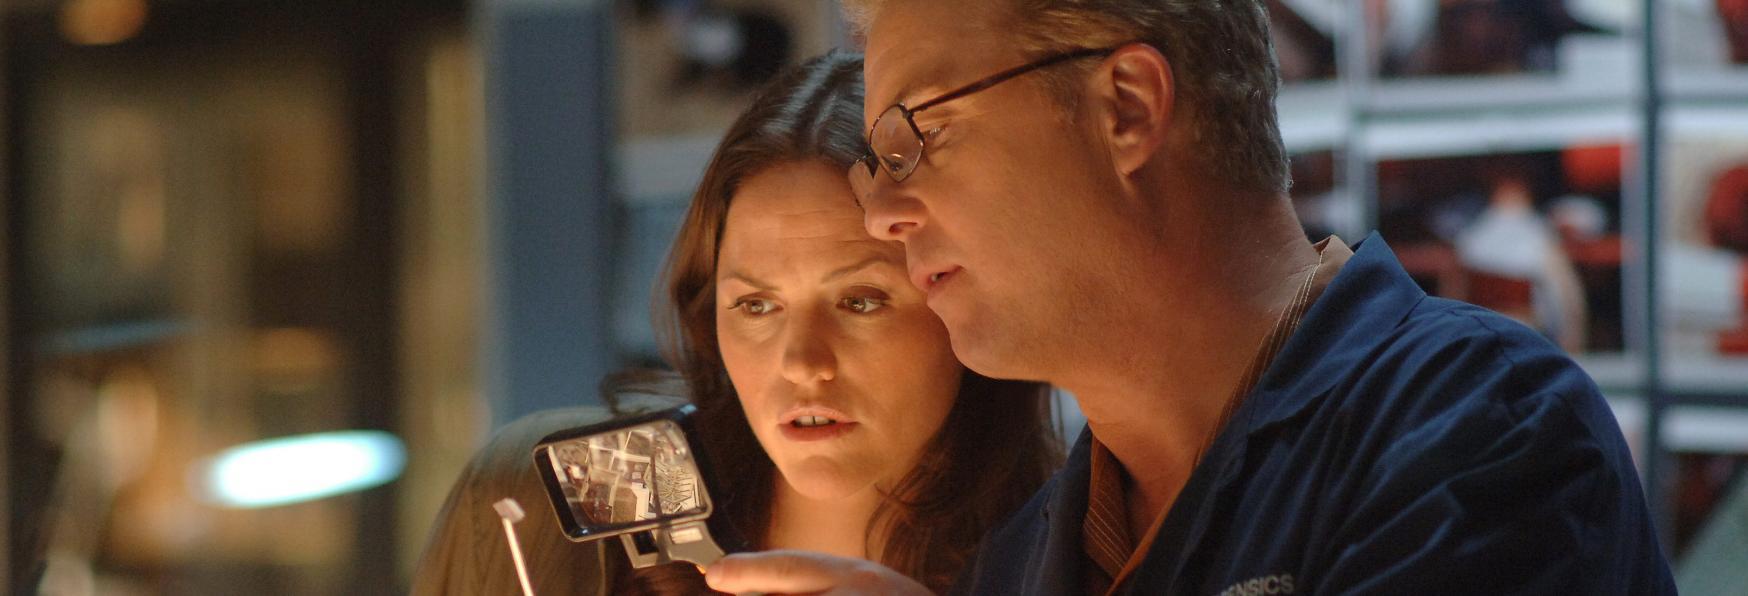 CSI: Vegas - CBS Rilascia il Trailer Ufficiale della nuova Serie TV Sequel